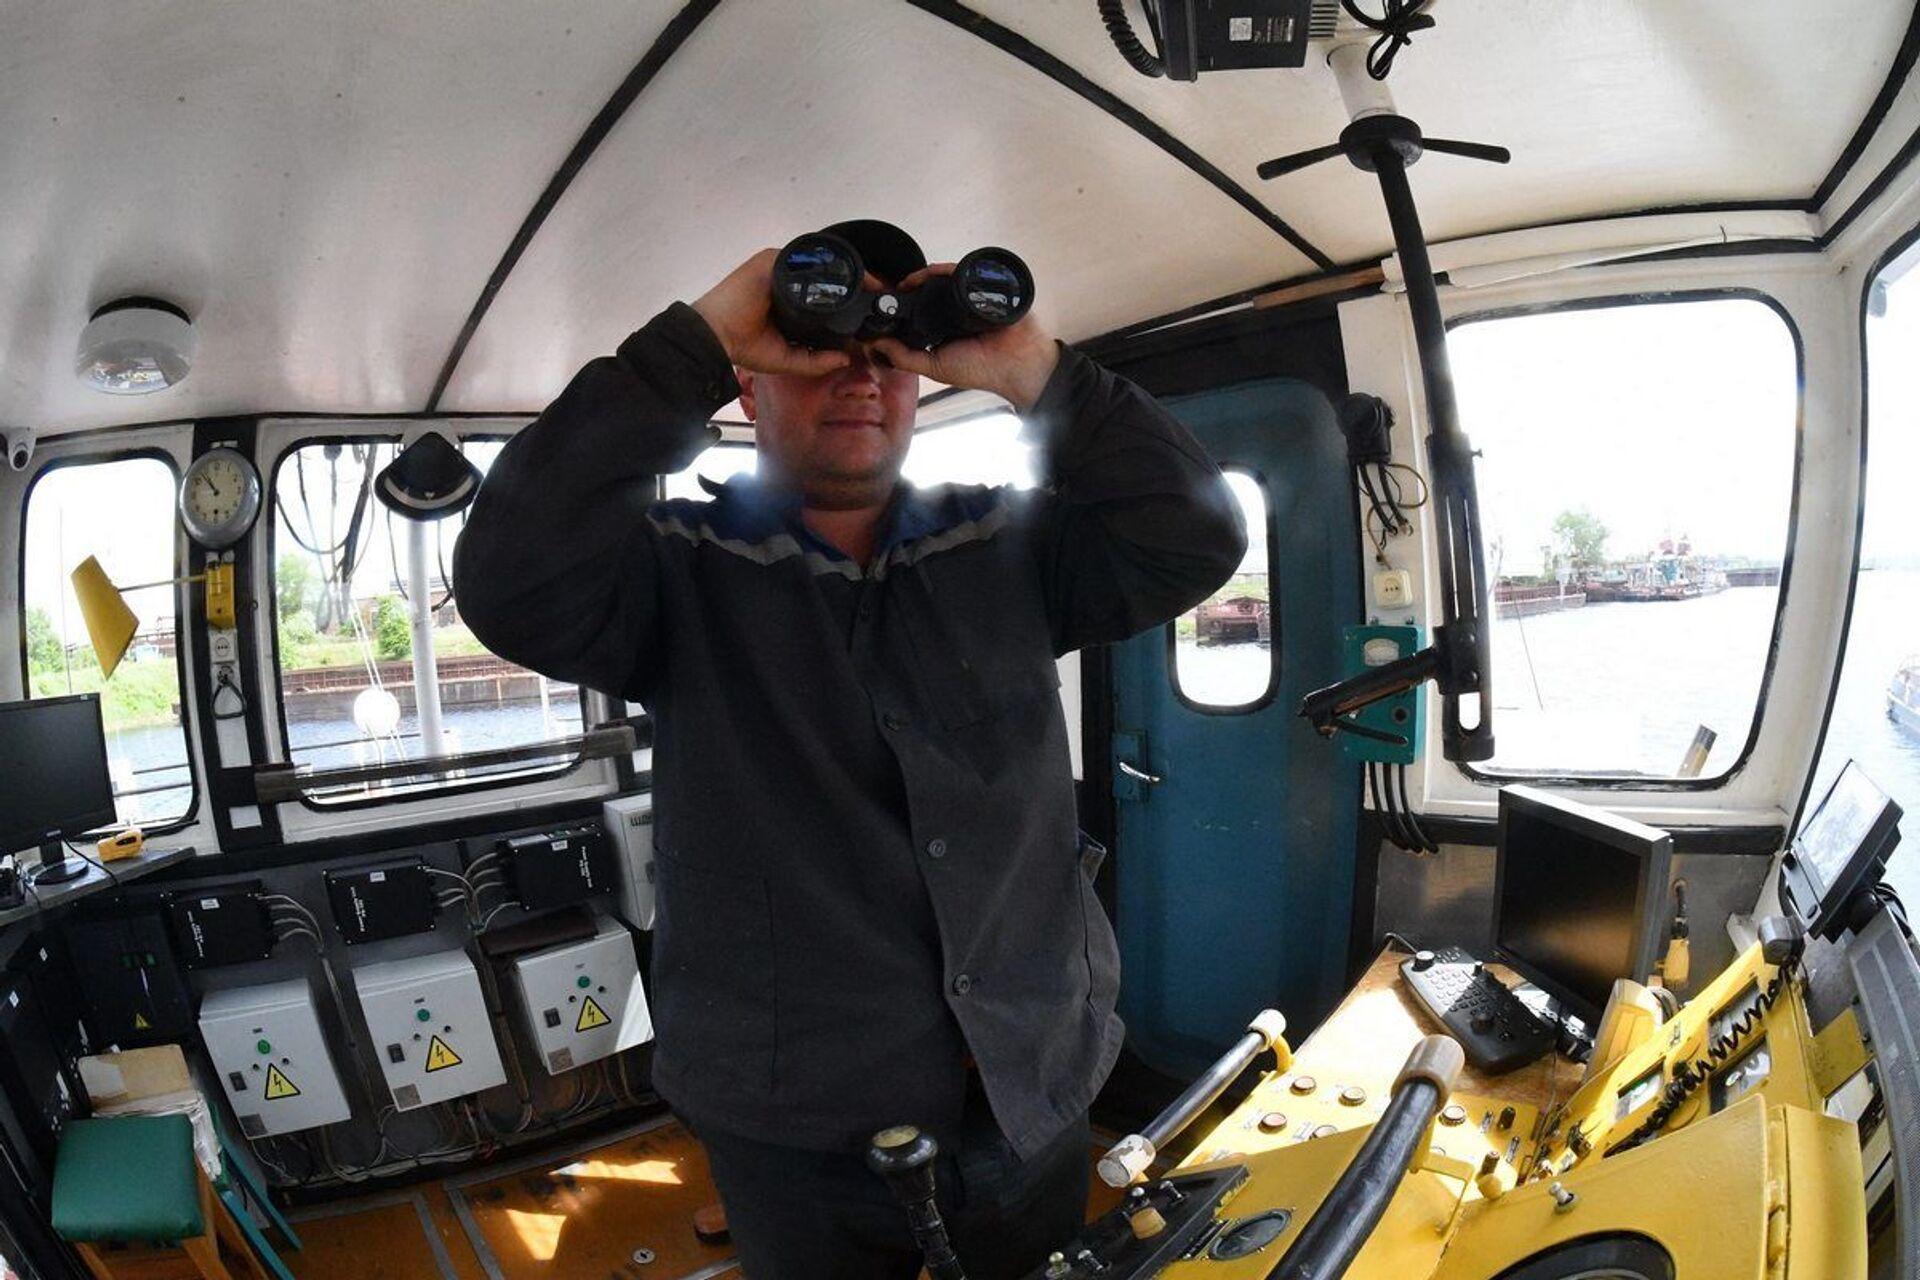 Командир судна Сергей Зайцев отмечает, что теперь на судне есть все условия для работы - Sputnik Беларусь, 1920, 29.06.2021